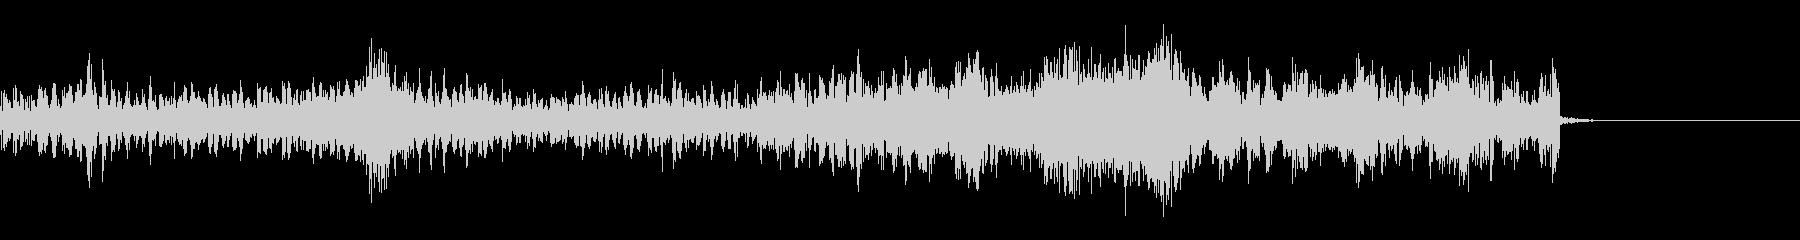 機械的リズム効果音の未再生の波形